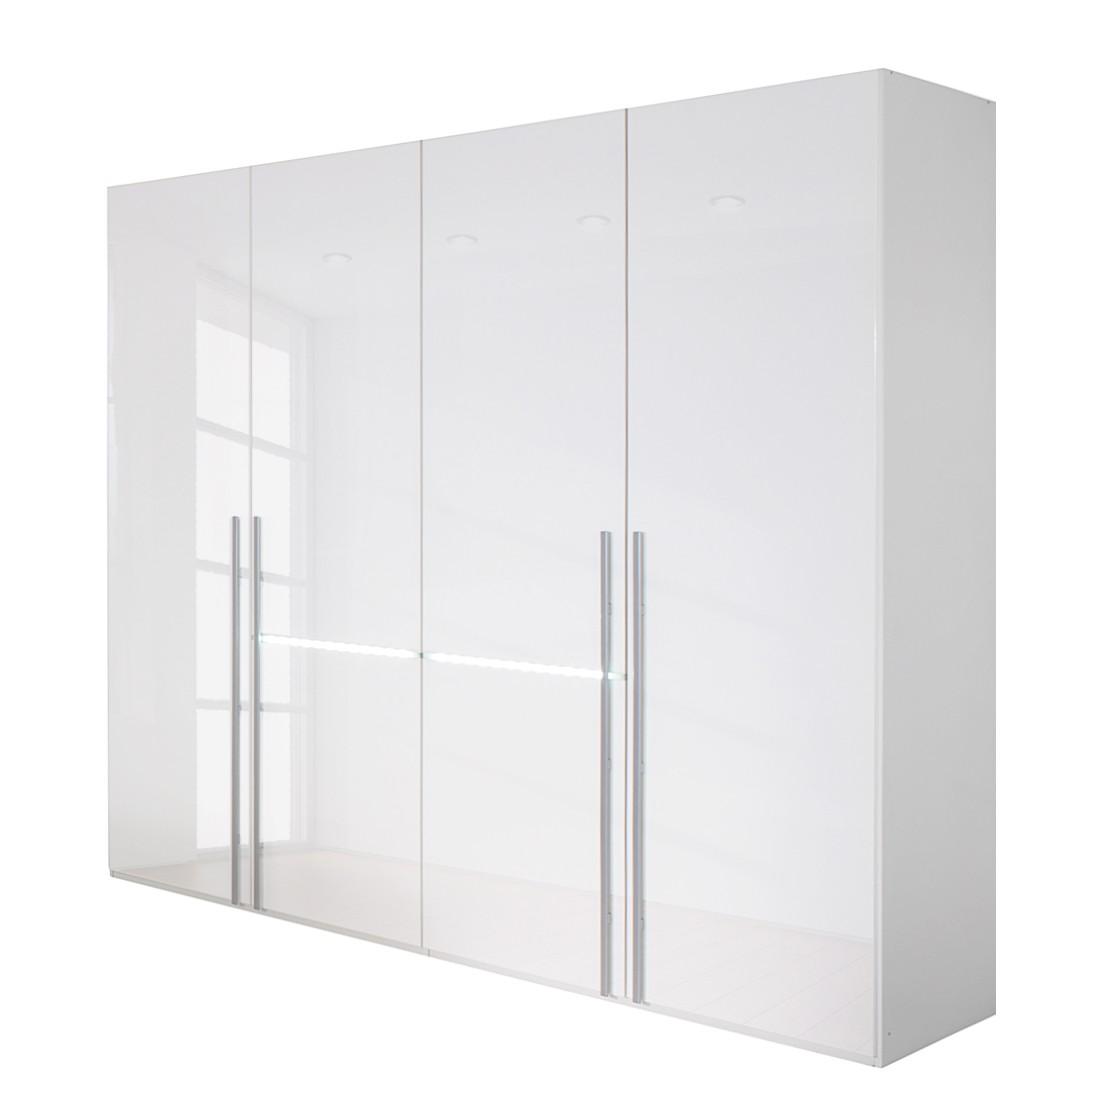 Drehtürenschrank Tira - Alpinweiß/Hochglanz Weiß - Mit integrierter Beleuchtung - Schrankbreite: 300 cm - 5-türig, Rauch Select